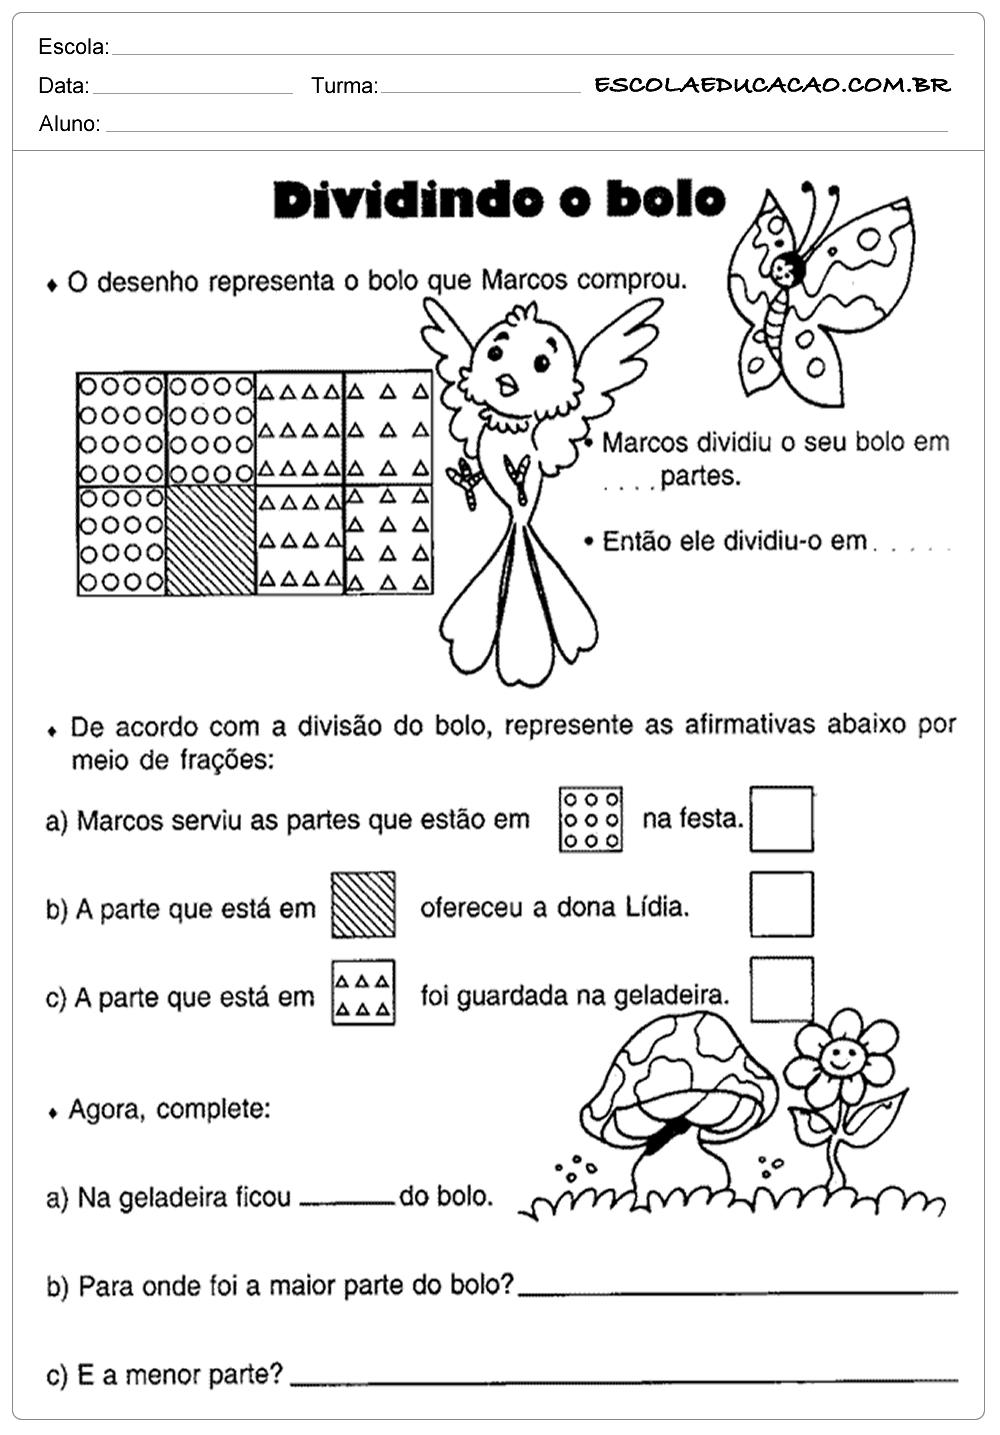 Atividades de Matemática 5º ano – Dividindo